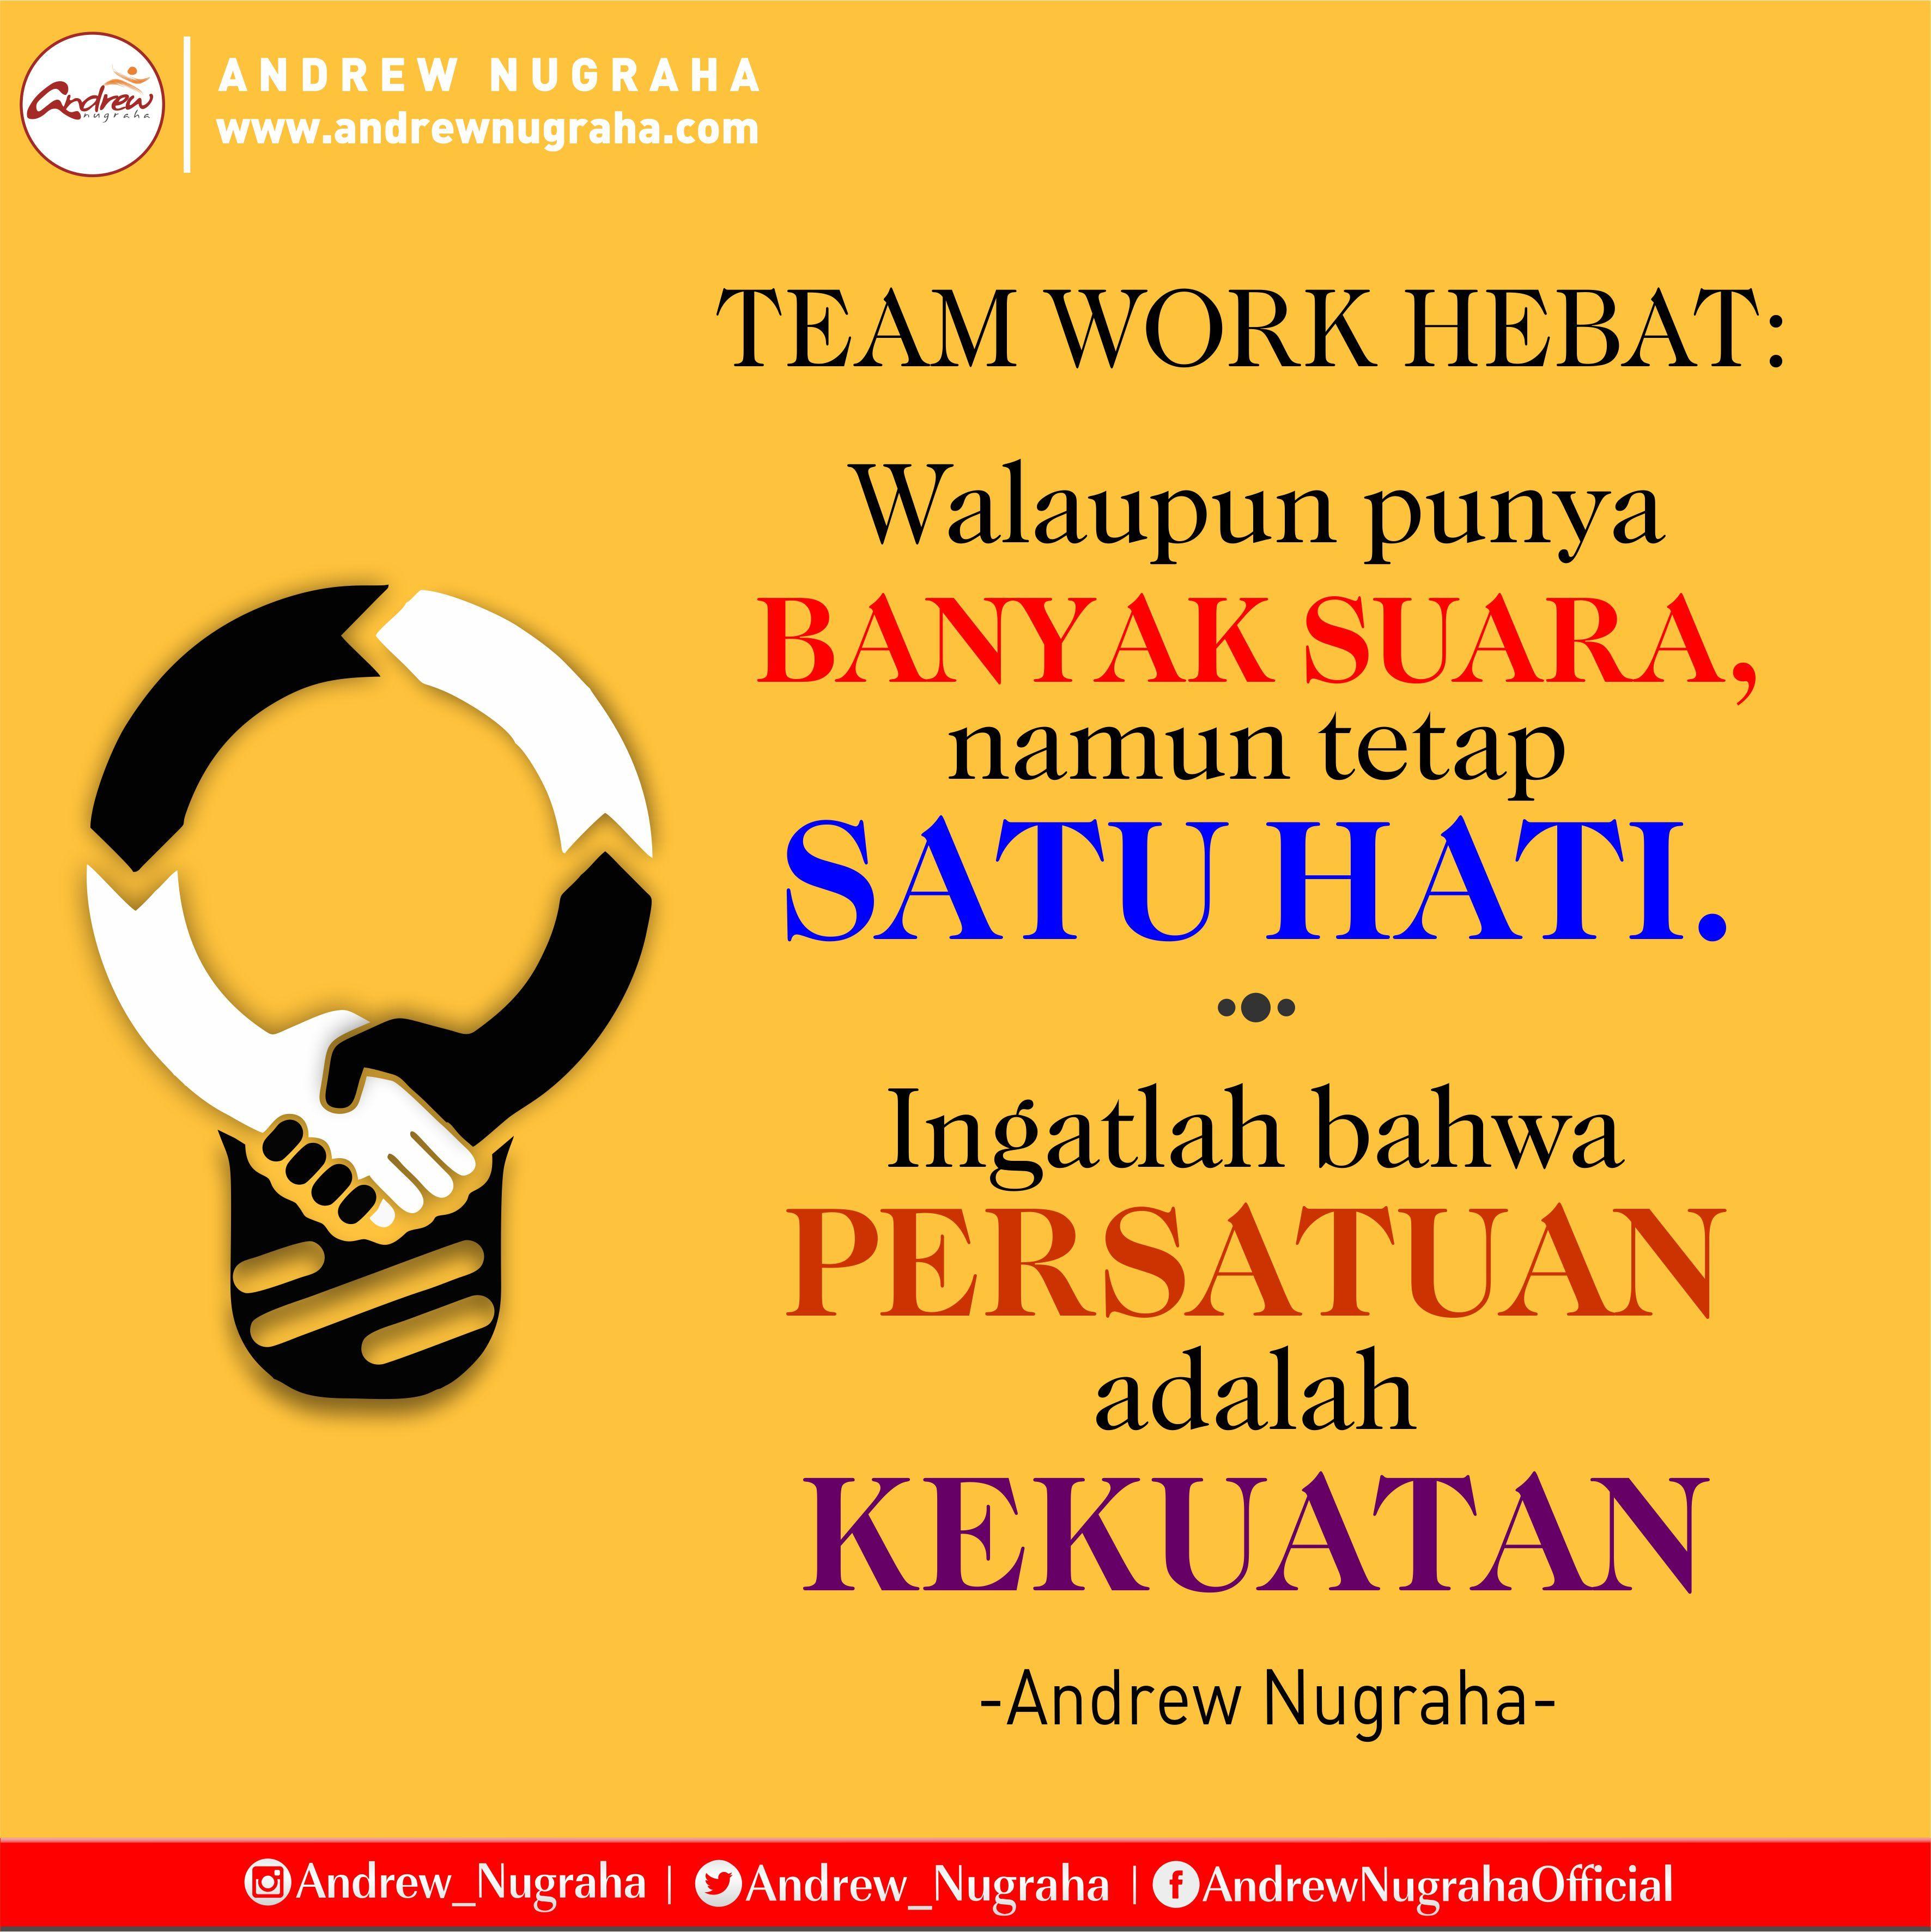 101 Kata Motivasi Kerjasama Tim Untuk Team Work Yg Kompak Kosngosan